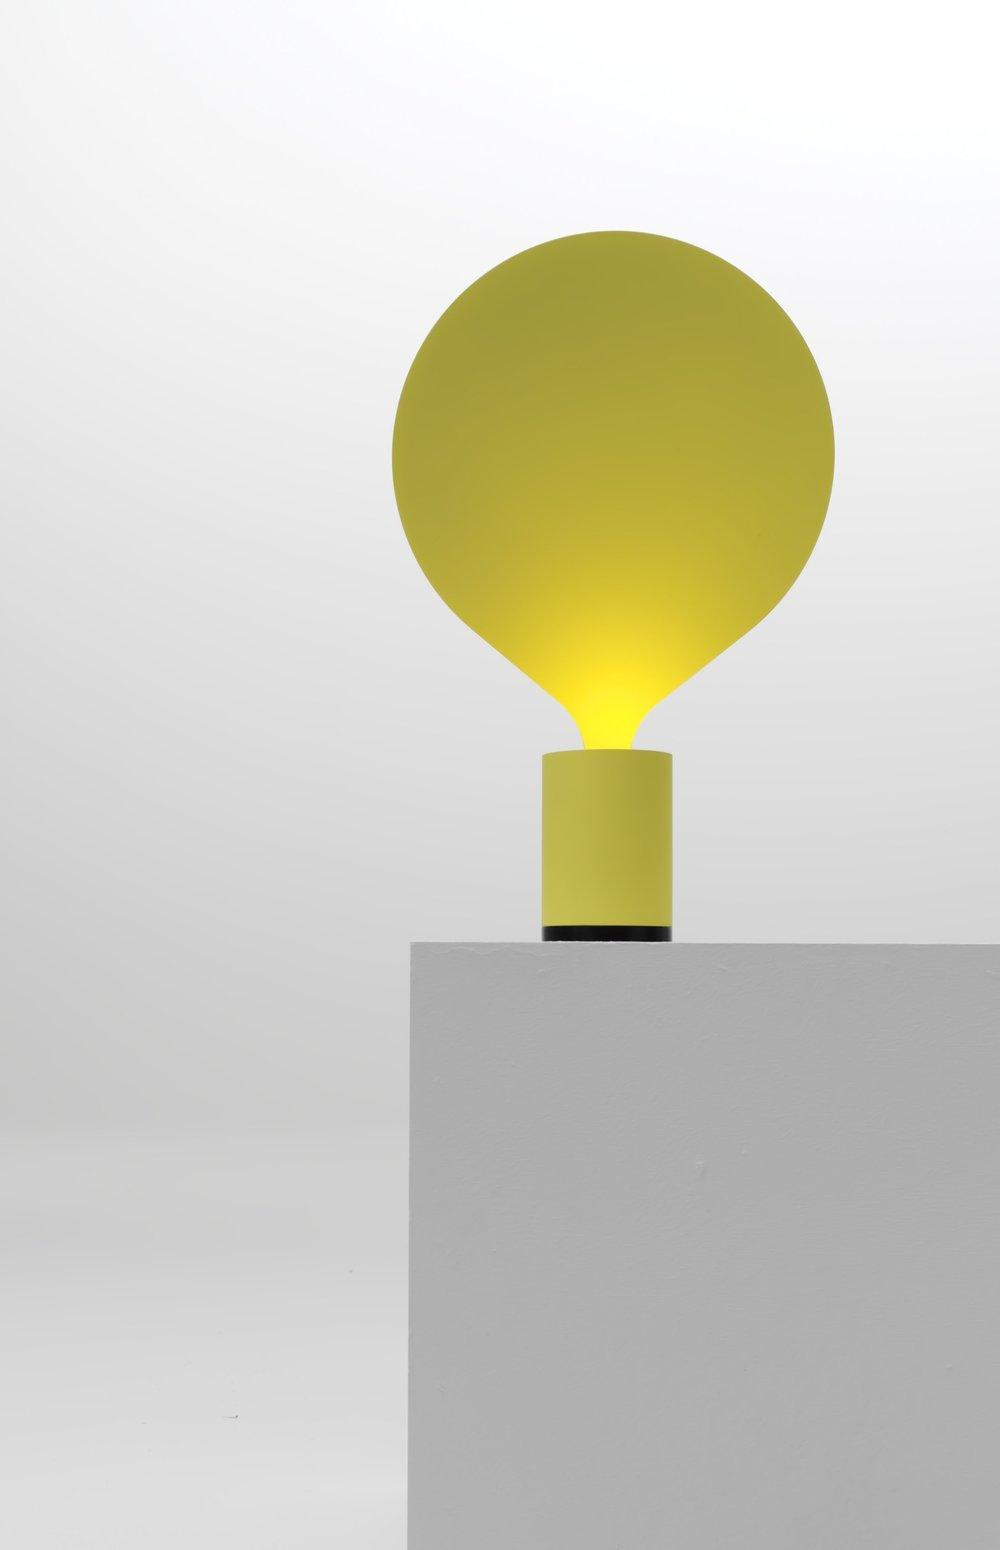 Balloon -